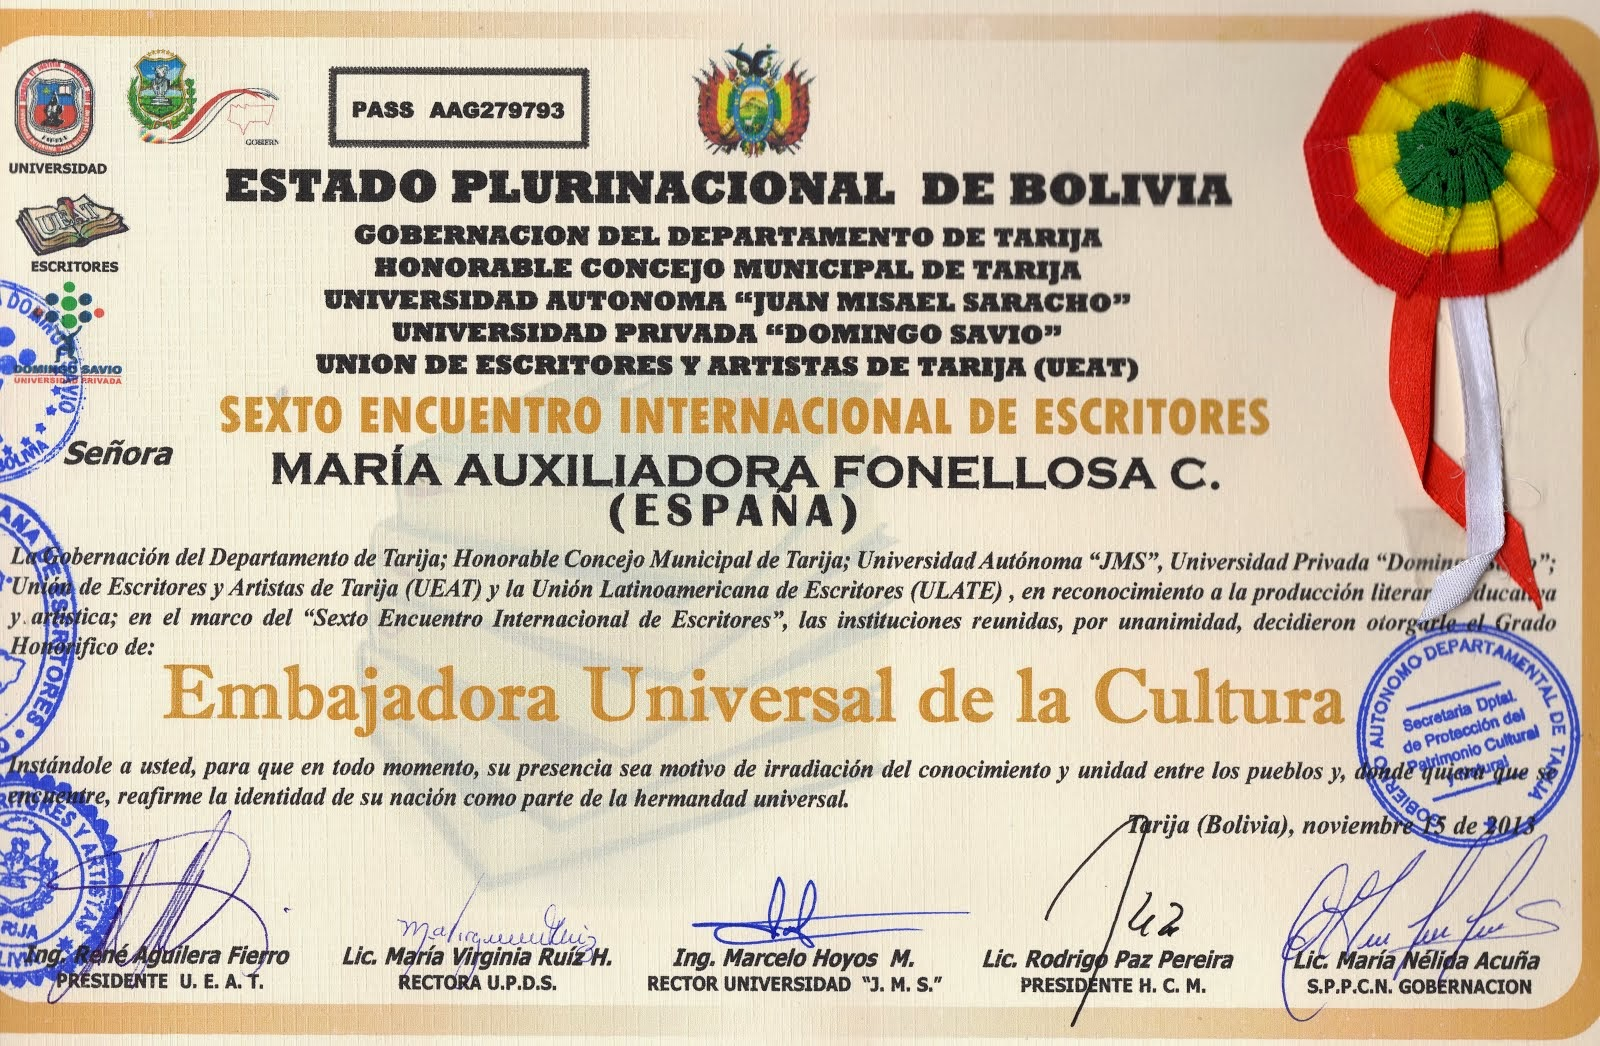 EMBAJADORA UNIVERSAL DE LA CULTURA